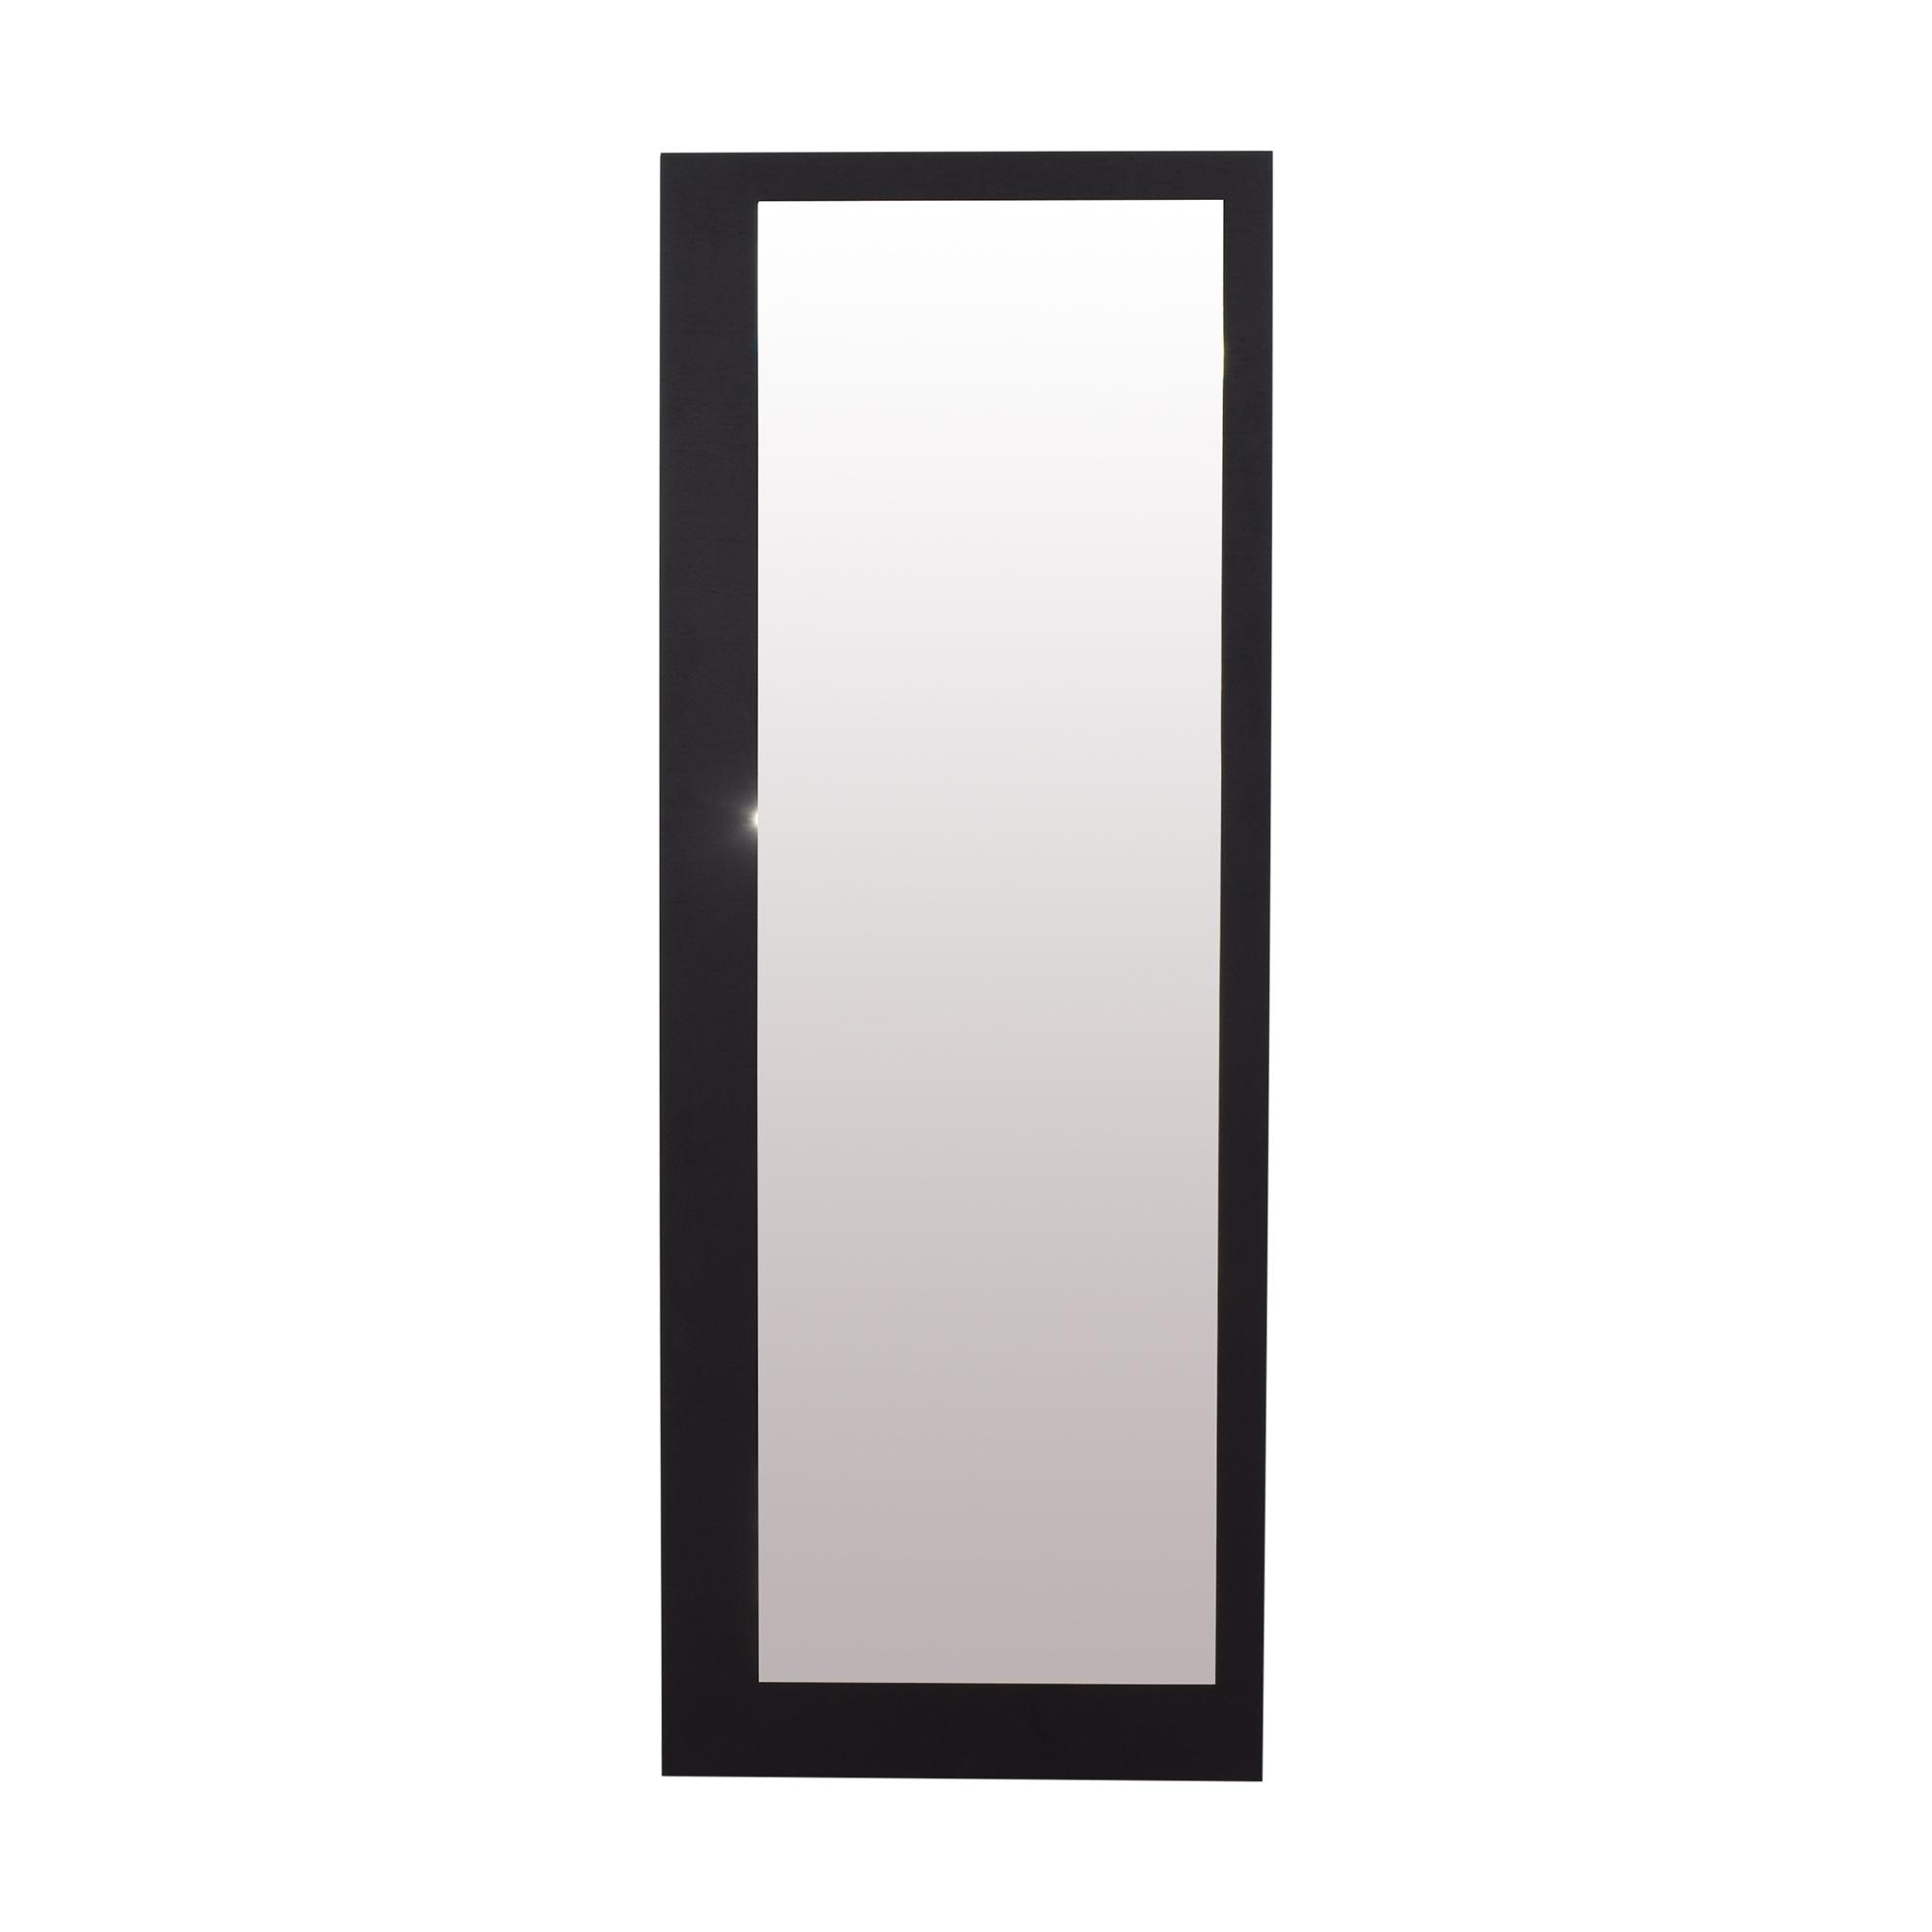 Poliform Ego Mirror sale